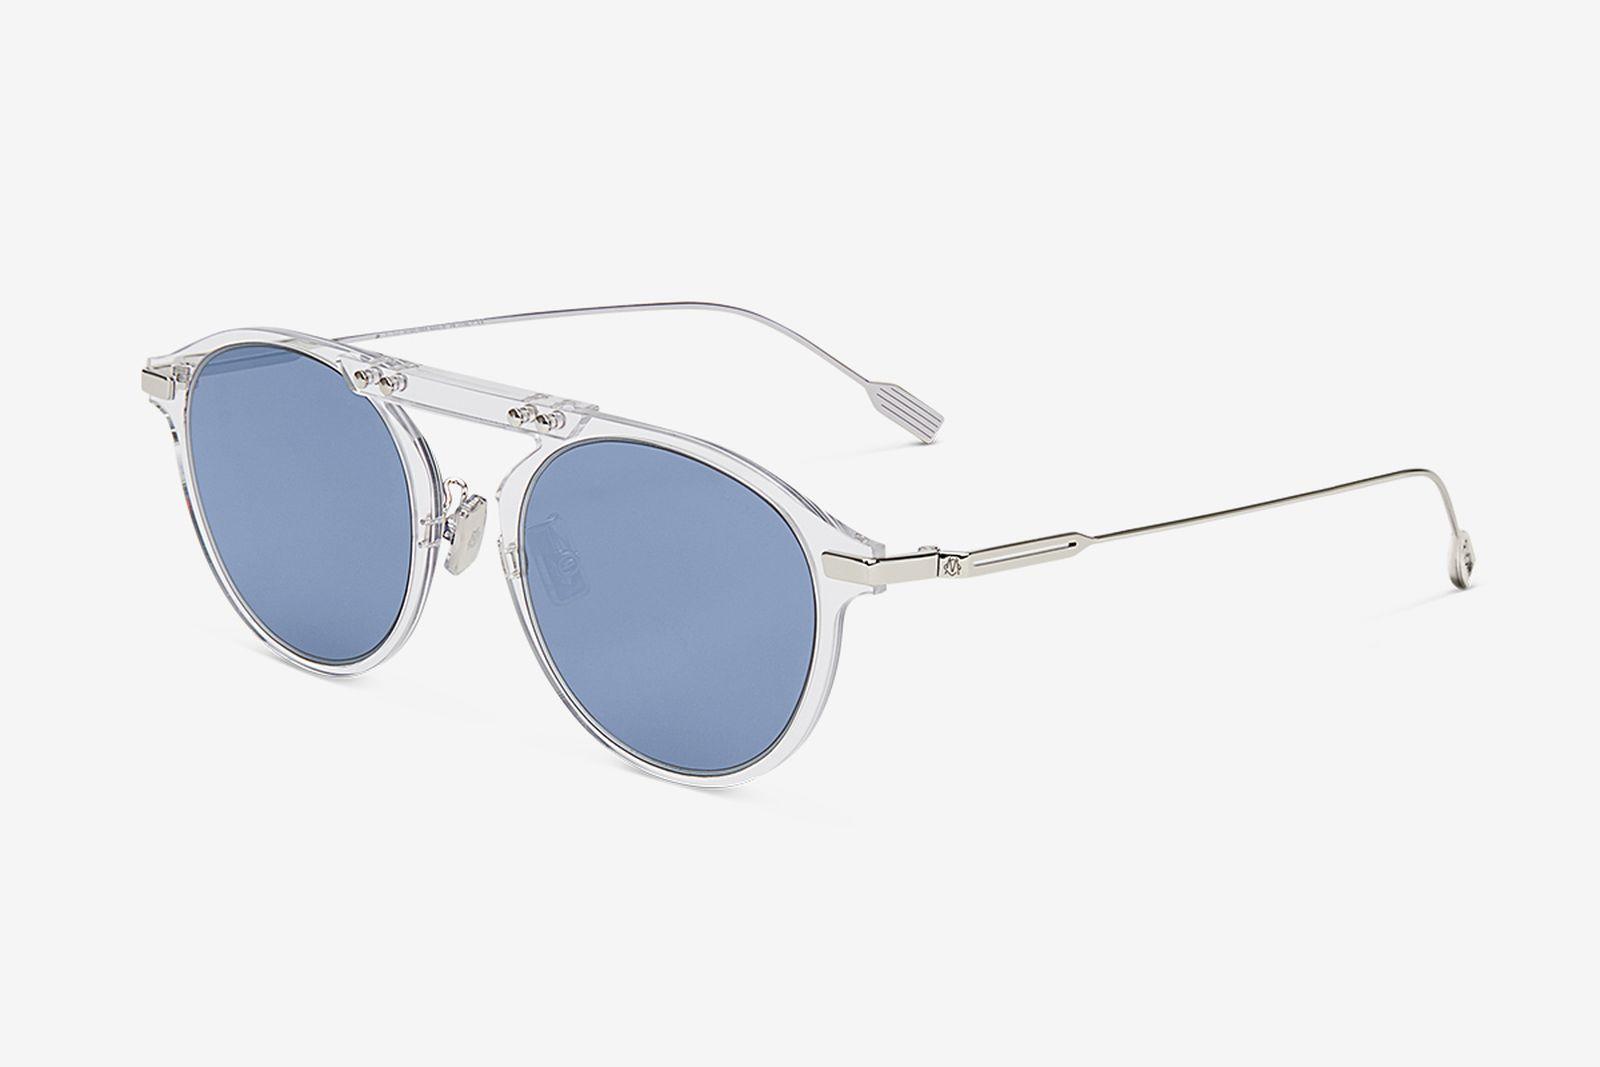 rimowa-eyewear-17